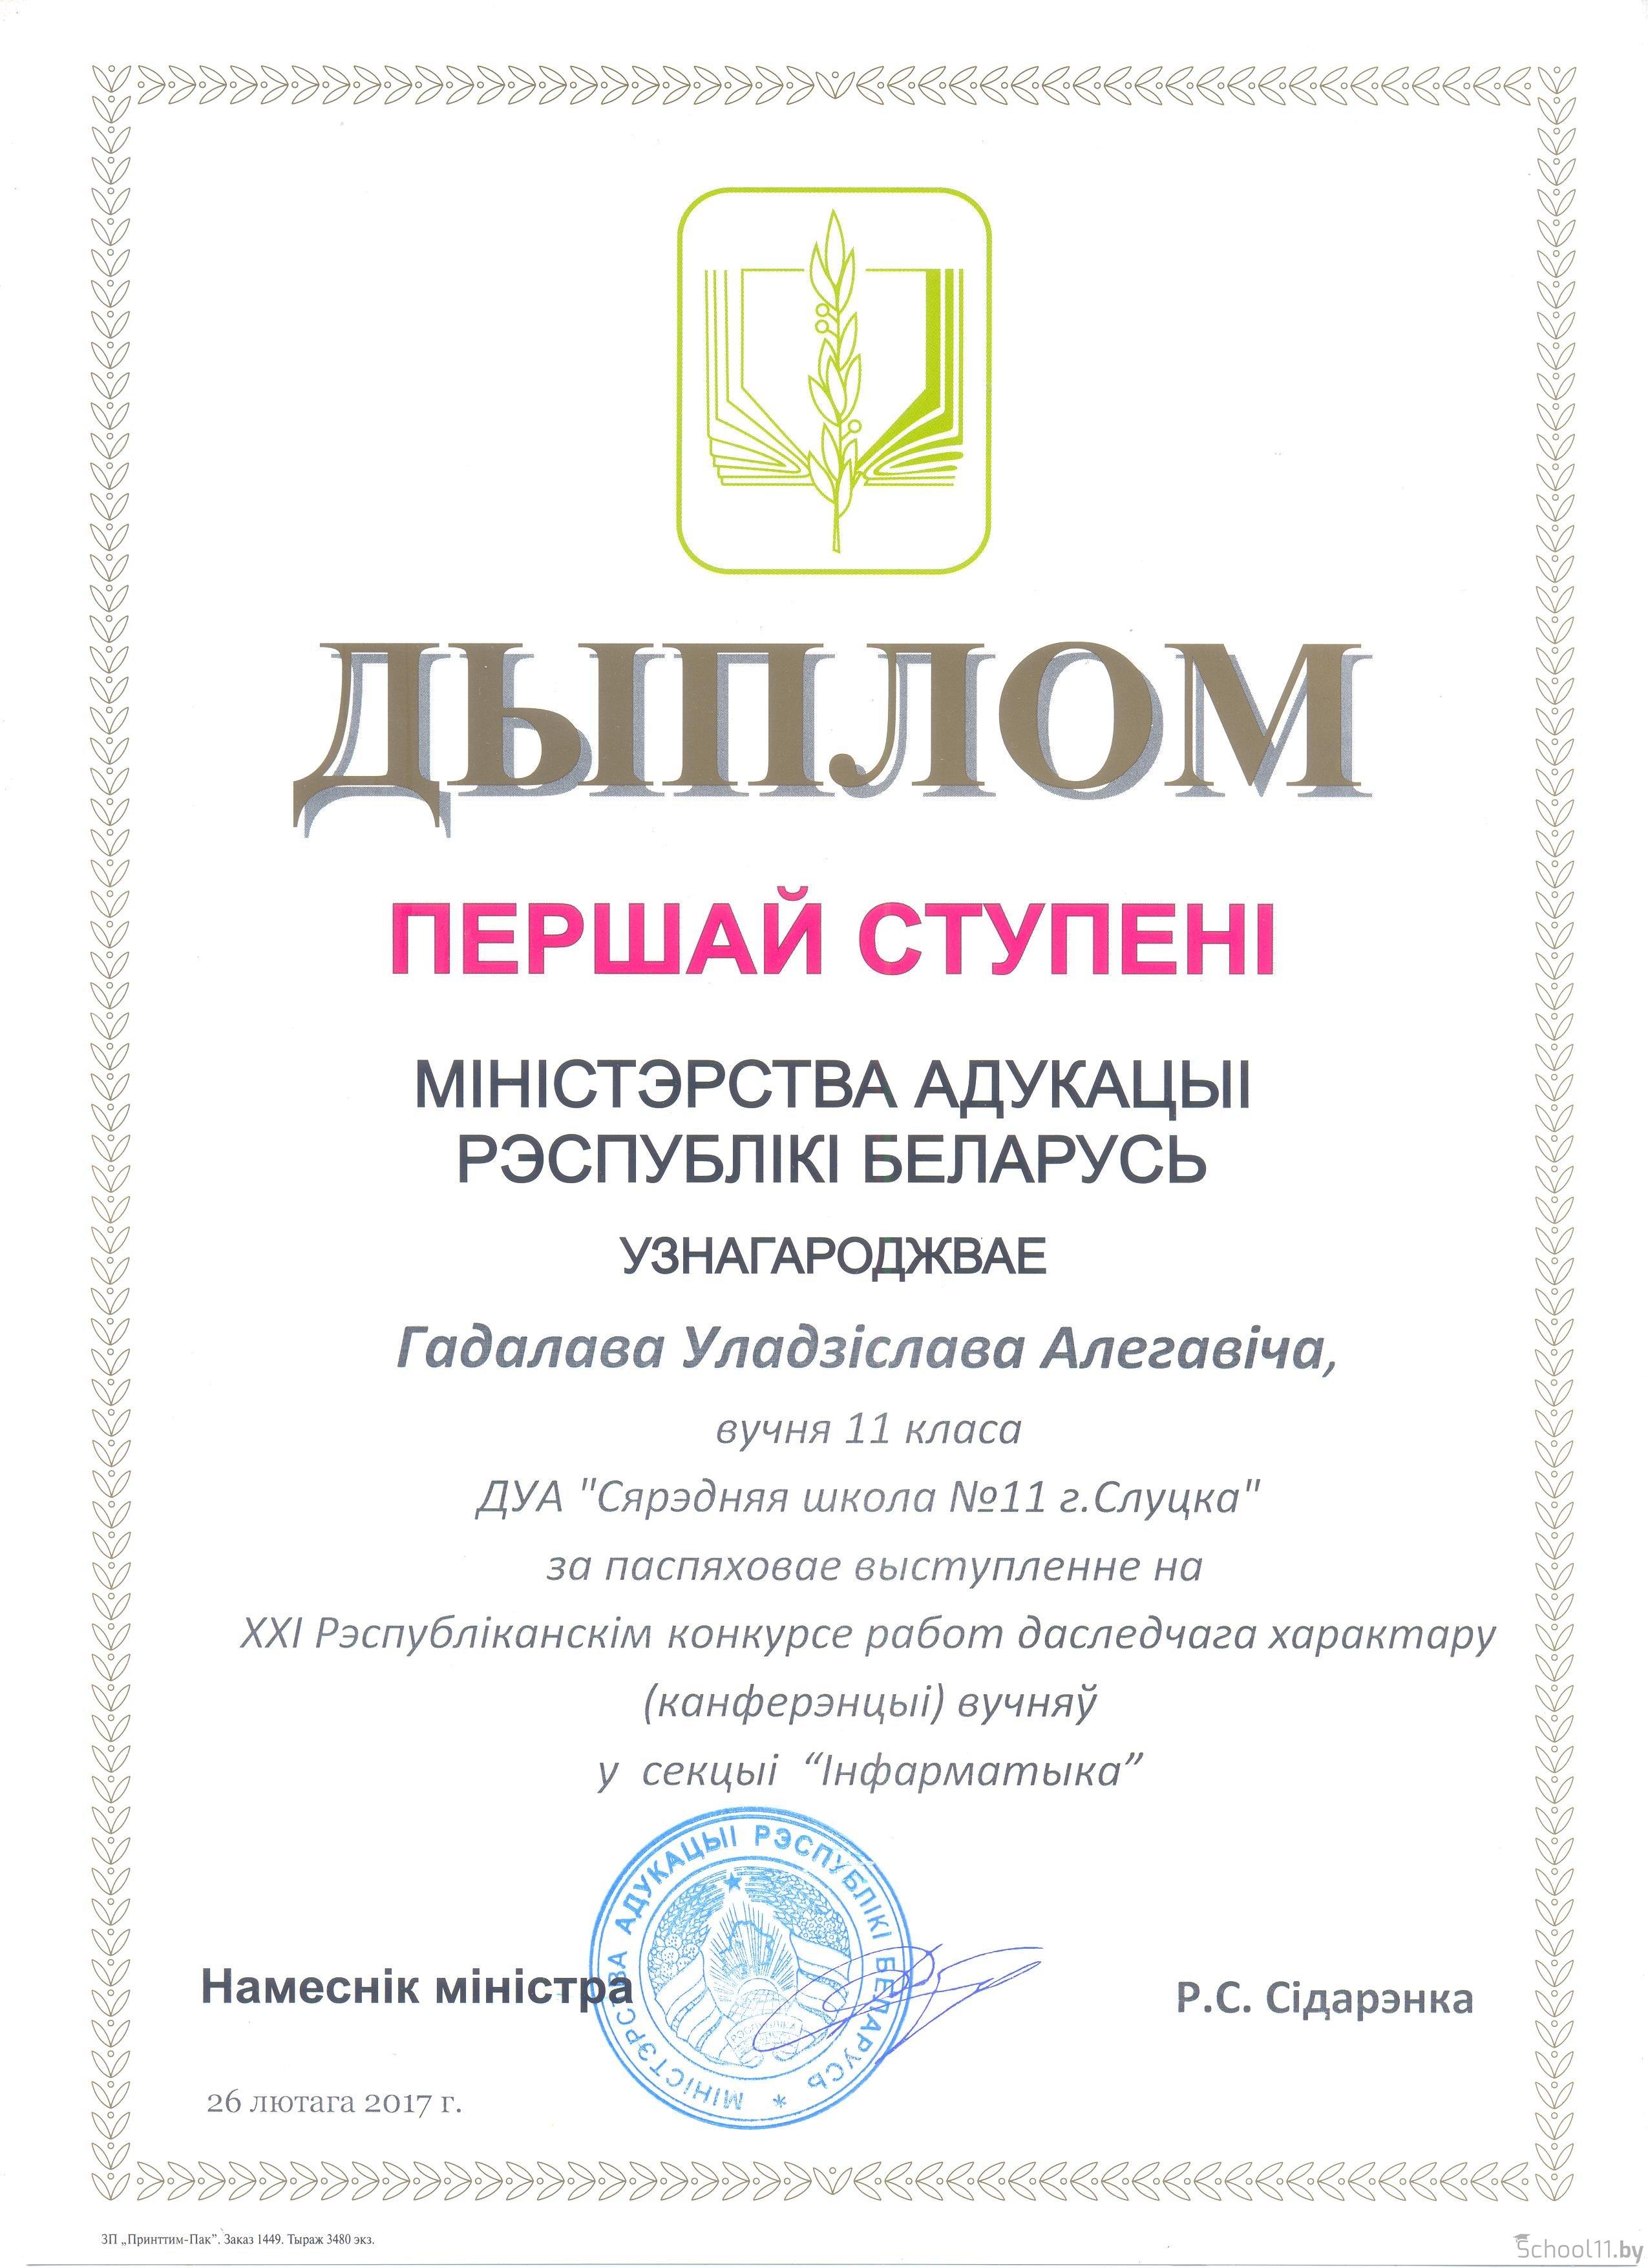 Областной лицей минск конкурс 2017